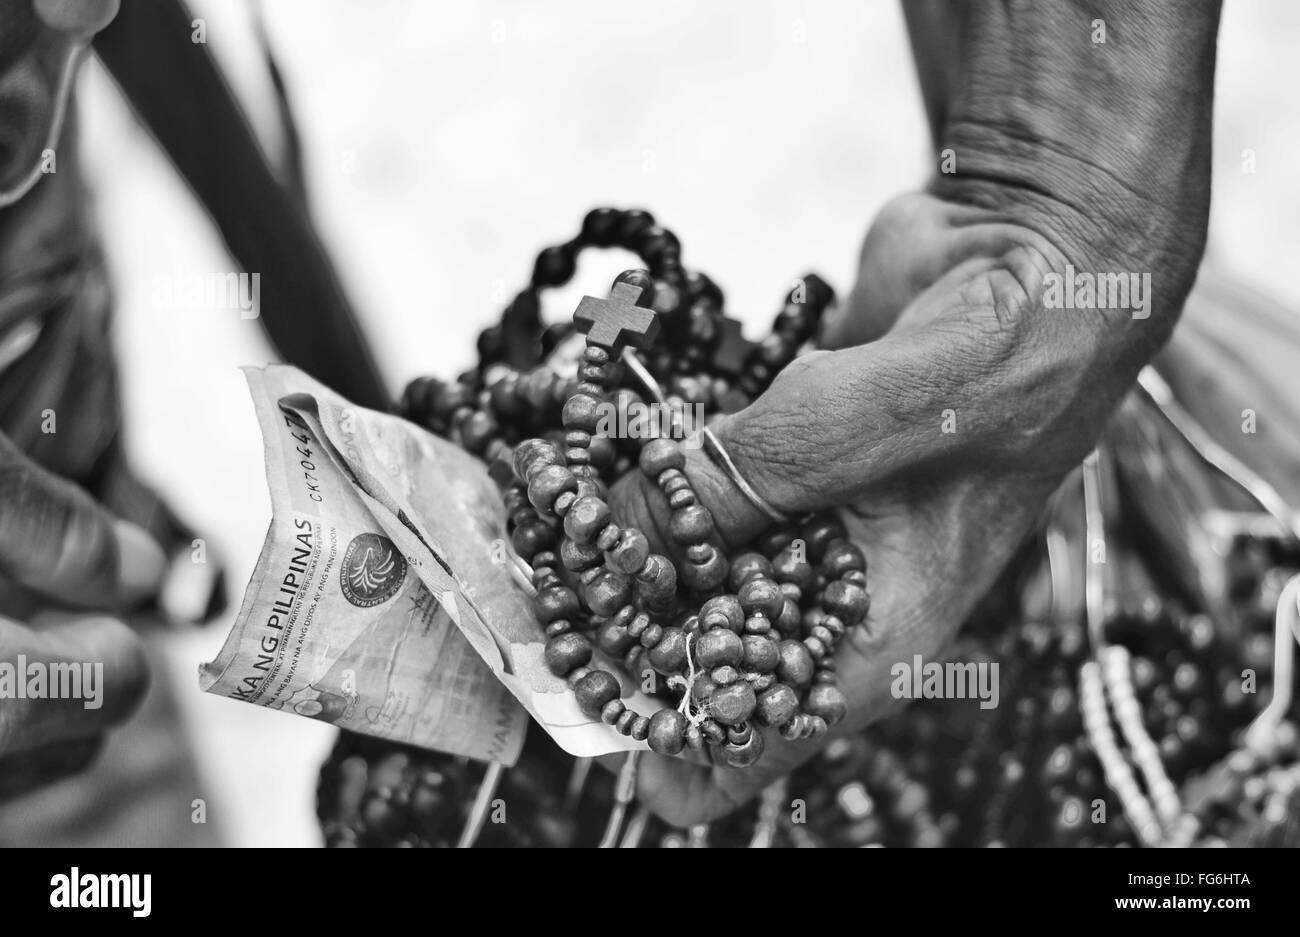 Recorta mano sosteniendo Rosario y dinero. Imagen De Stock